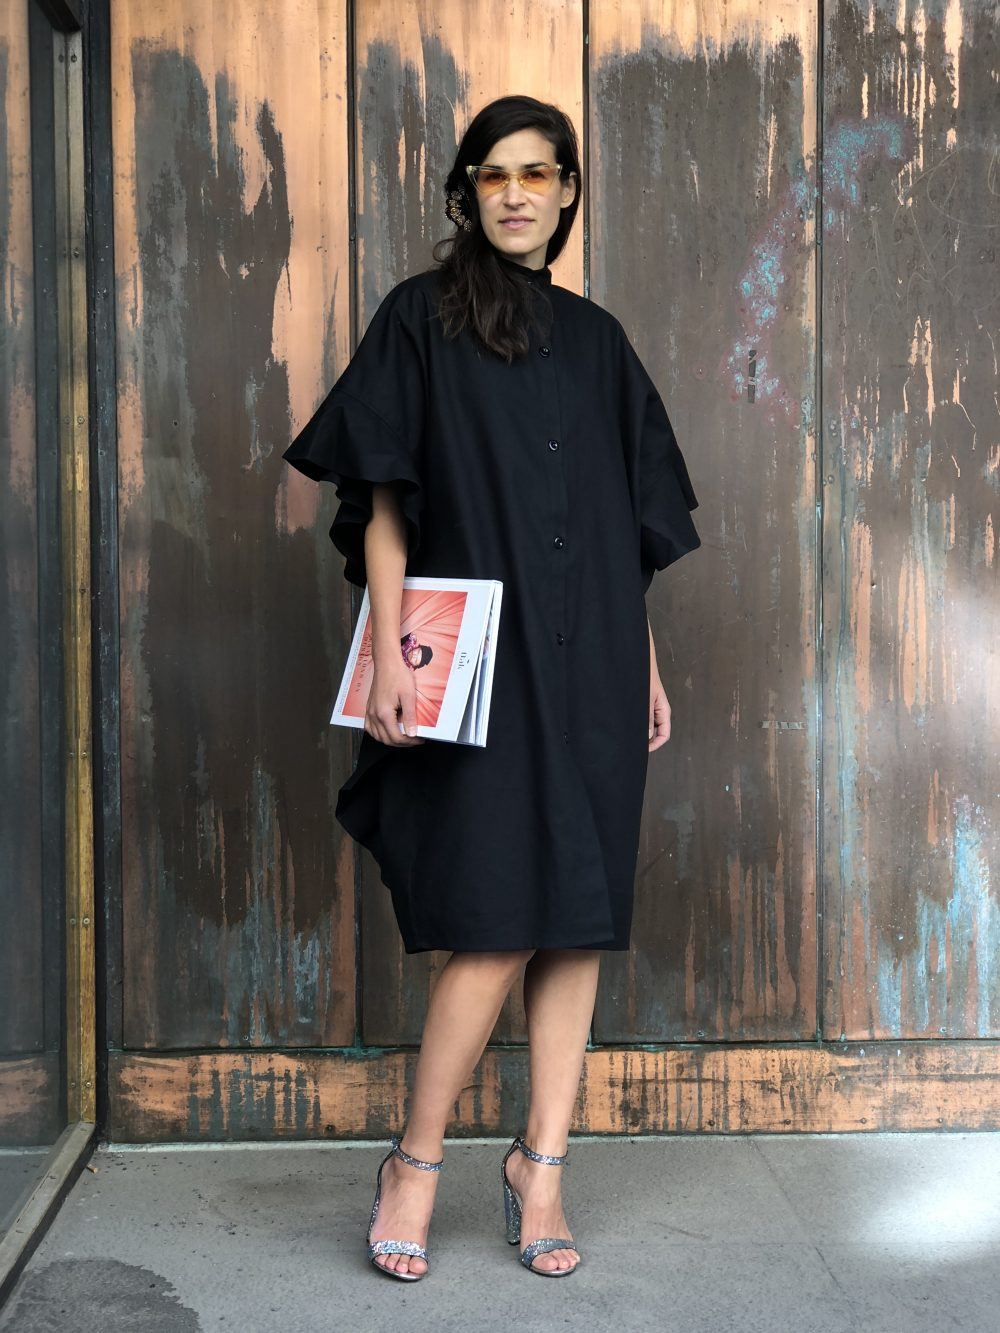 Vimma Ruffle Dress IRINA Cotton black Onesize - black, Cotton, IRINA, Onesize, Ruffle Dress